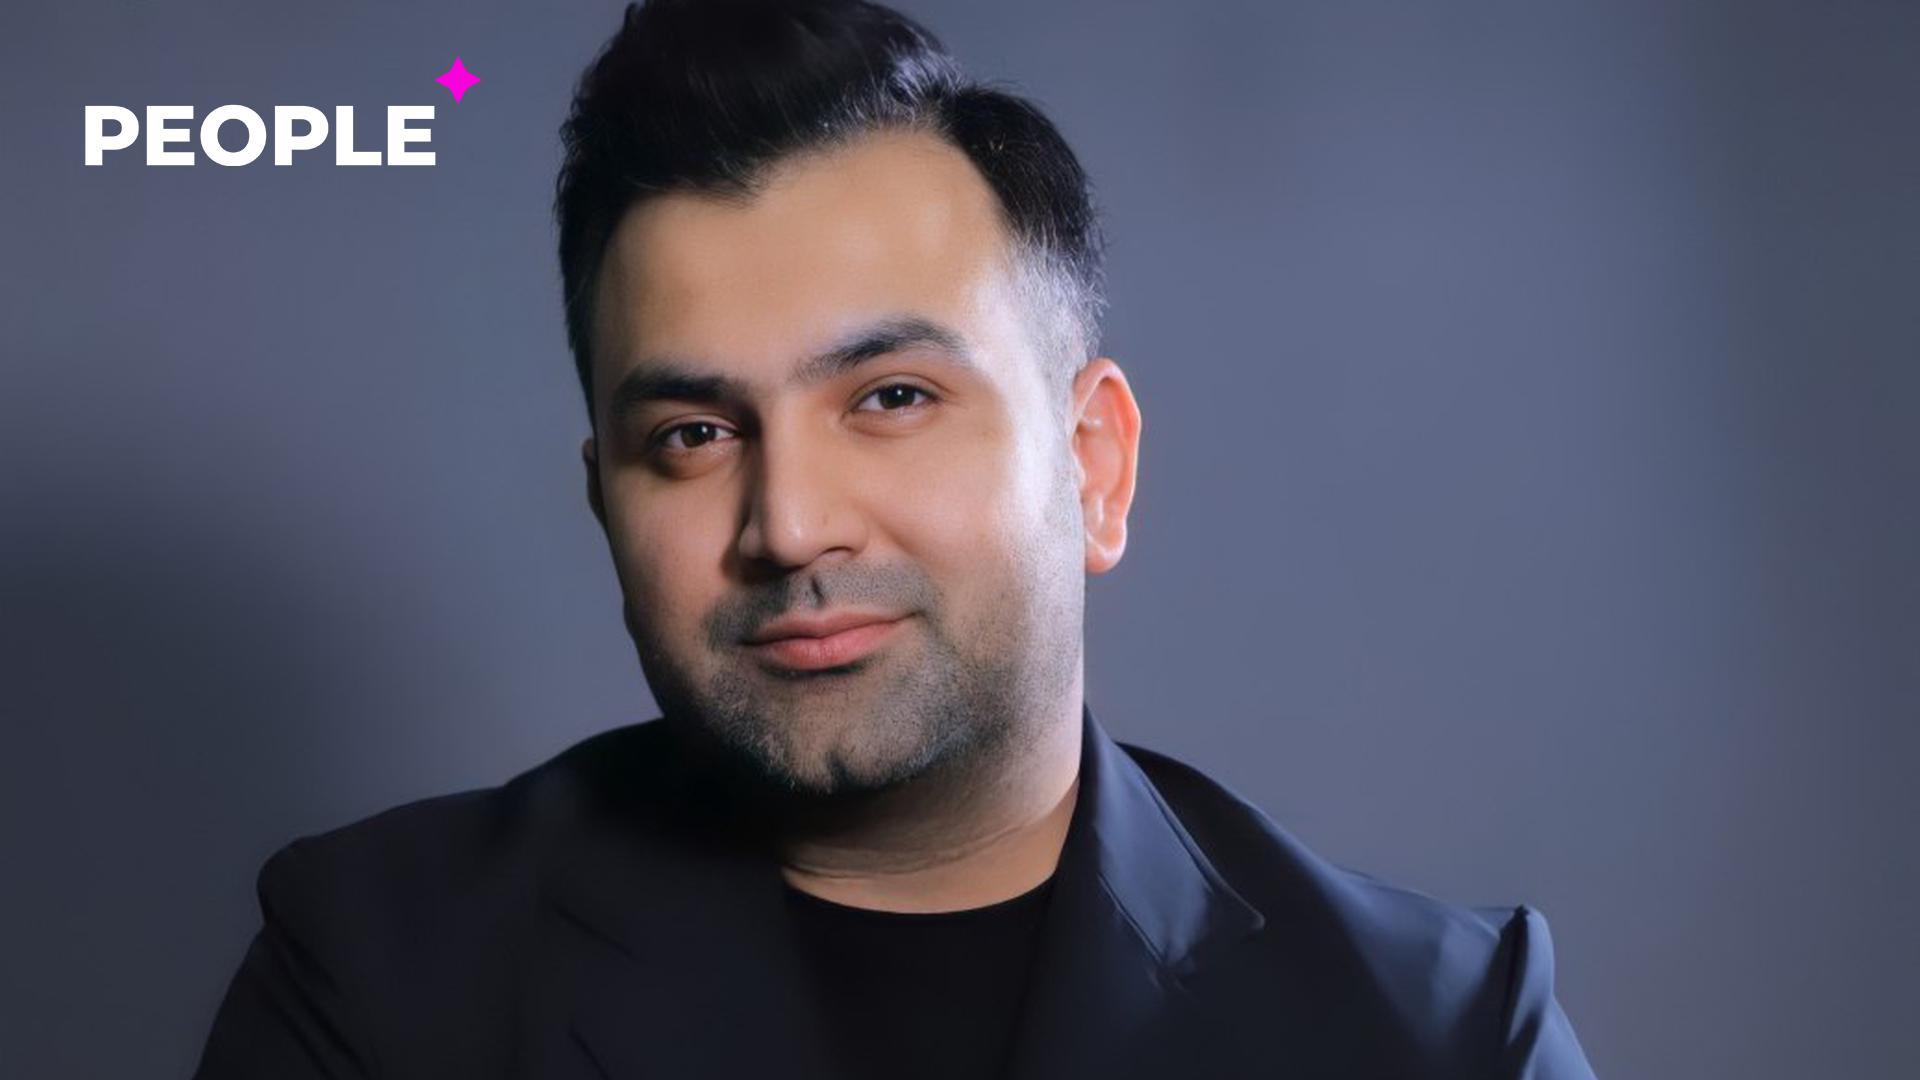 Певец Имран ответил на обвинения в плагиате армянской песни